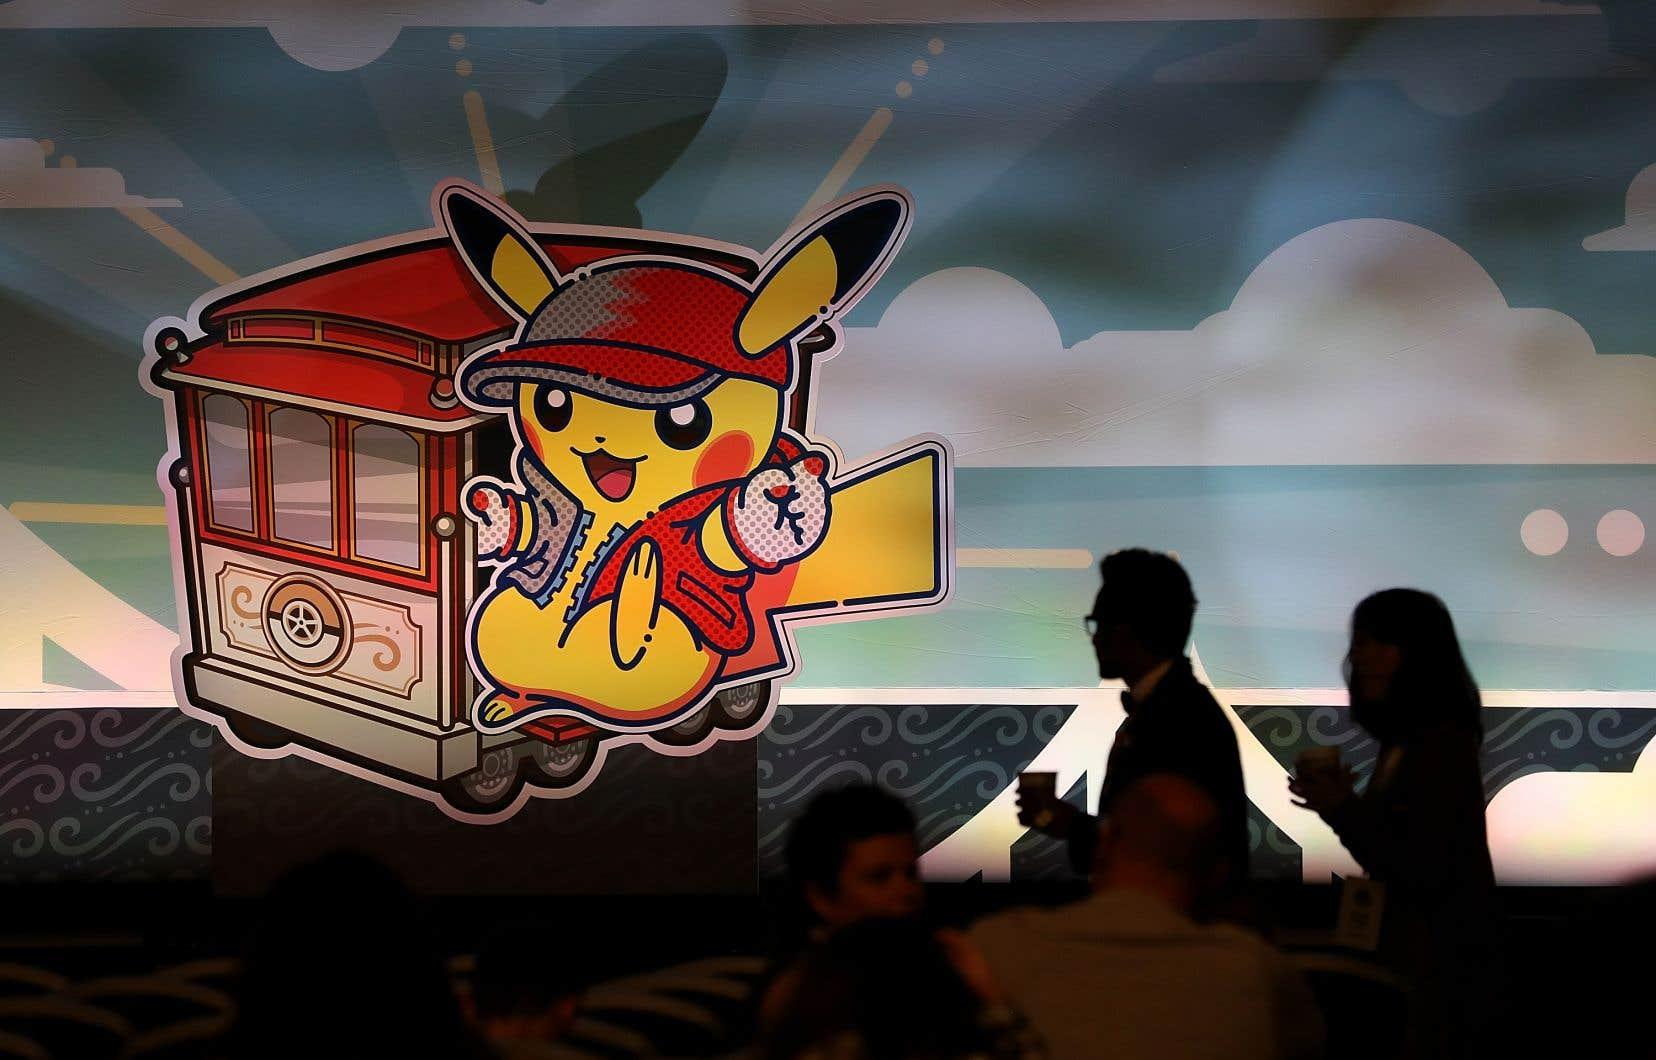 La popularité des Pokémon, devenus des icônes de la pop culture mondiale, ne s'est jamais démentie depuis leurs premiers pas dans un jeu vidéo en 1996.